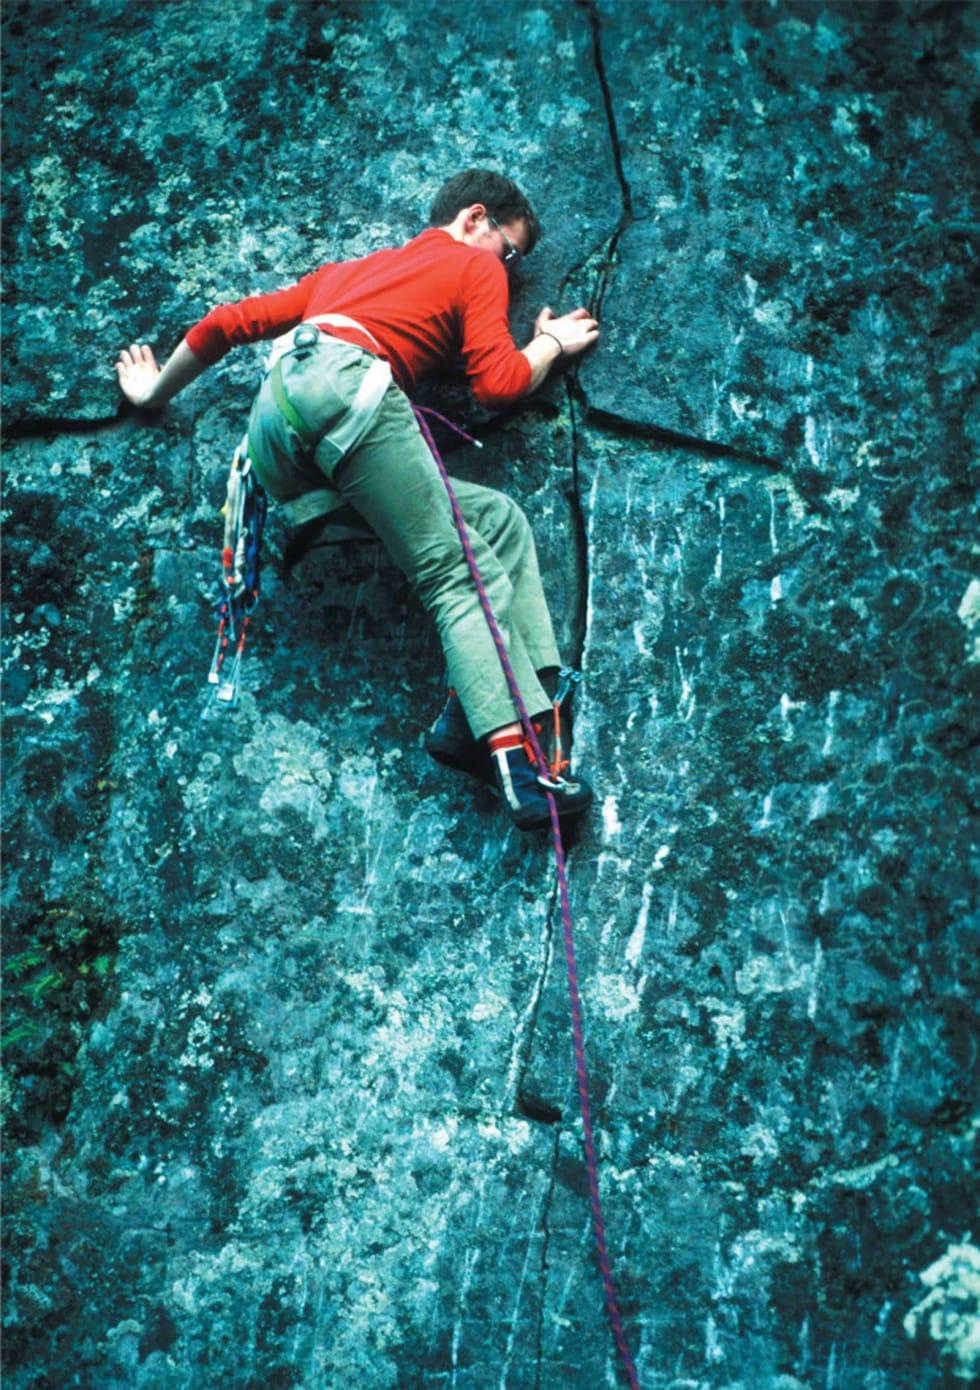 KLIPPEFUNN: Fåberget var det eneste feltet Andreas fant i nærheten av Lillehammer. Foto: Fredborgs samling